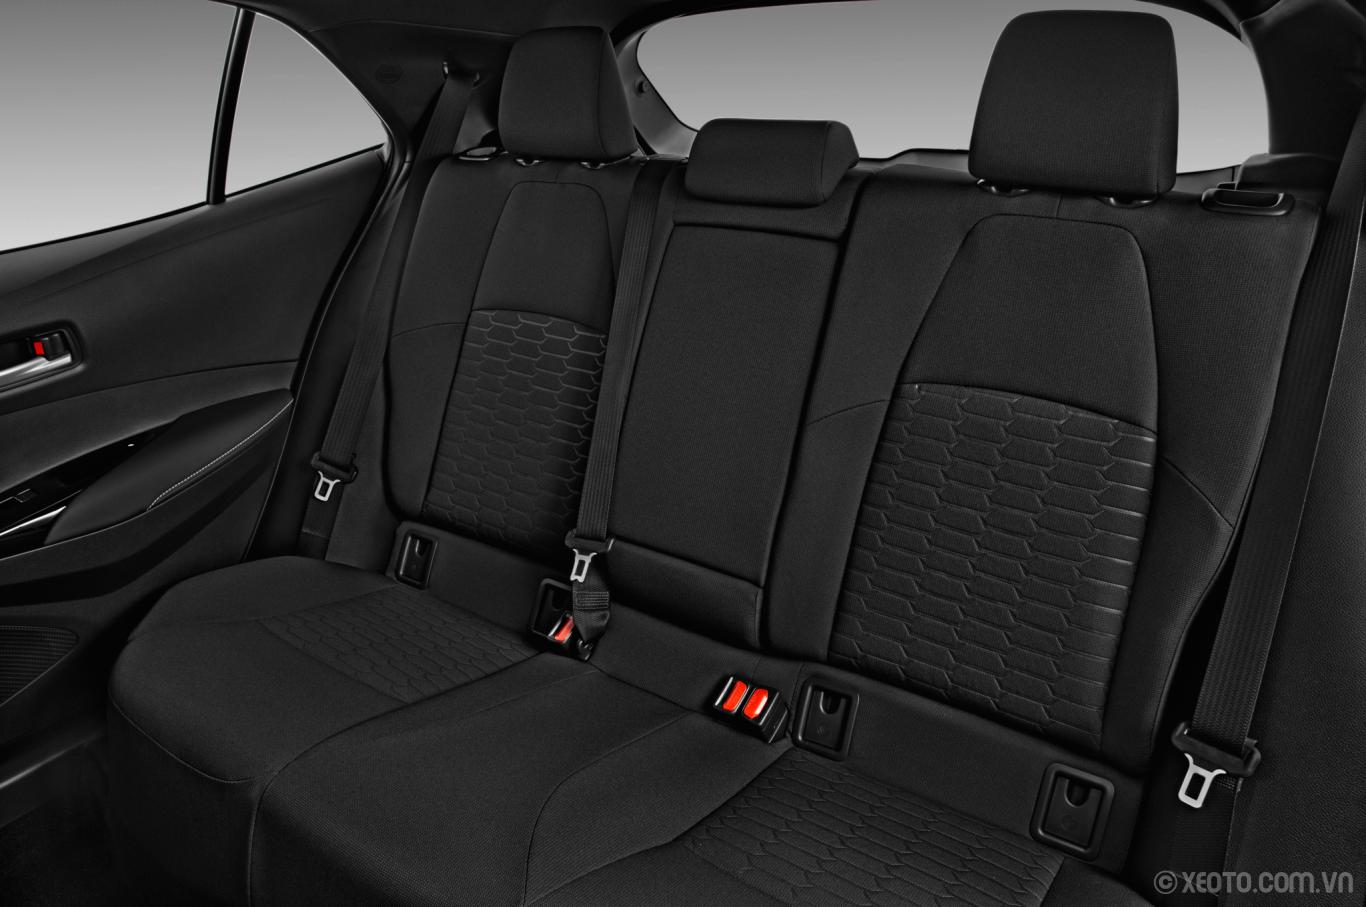 Toyota Yaris 2021 sở hữu hệ thống ghế ngồi êm ái